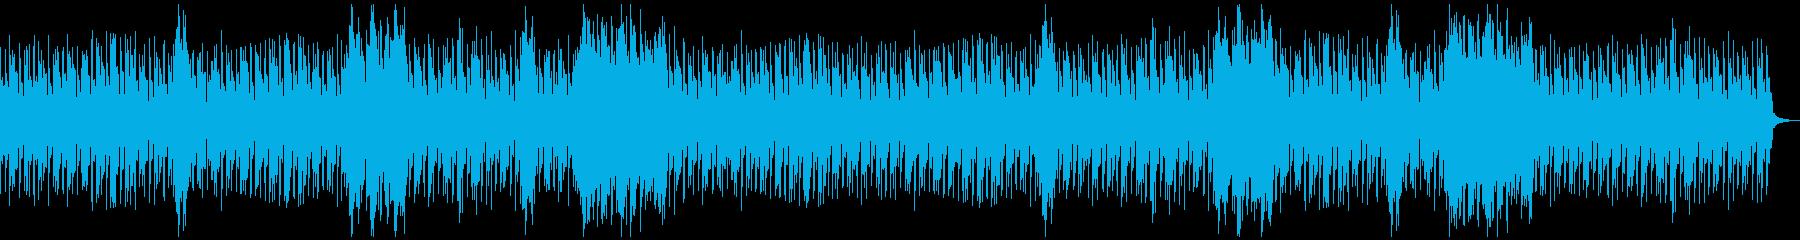 ピアノとストリングス 悲しみ・回想の再生済みの波形